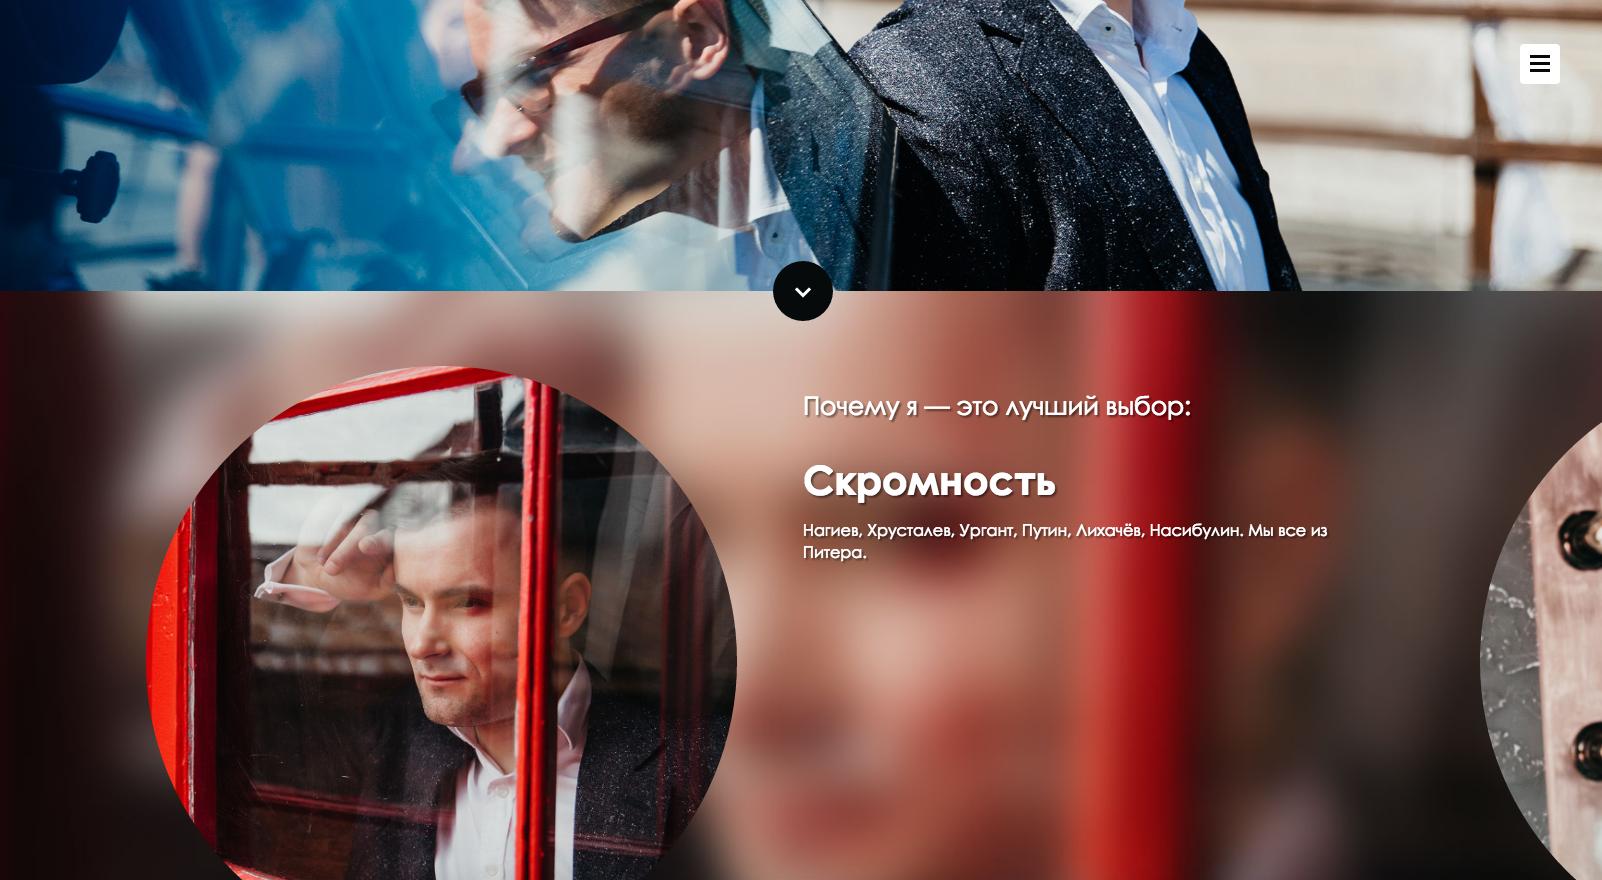 Сочетание ярких цветов для сайта примеры a25.ru